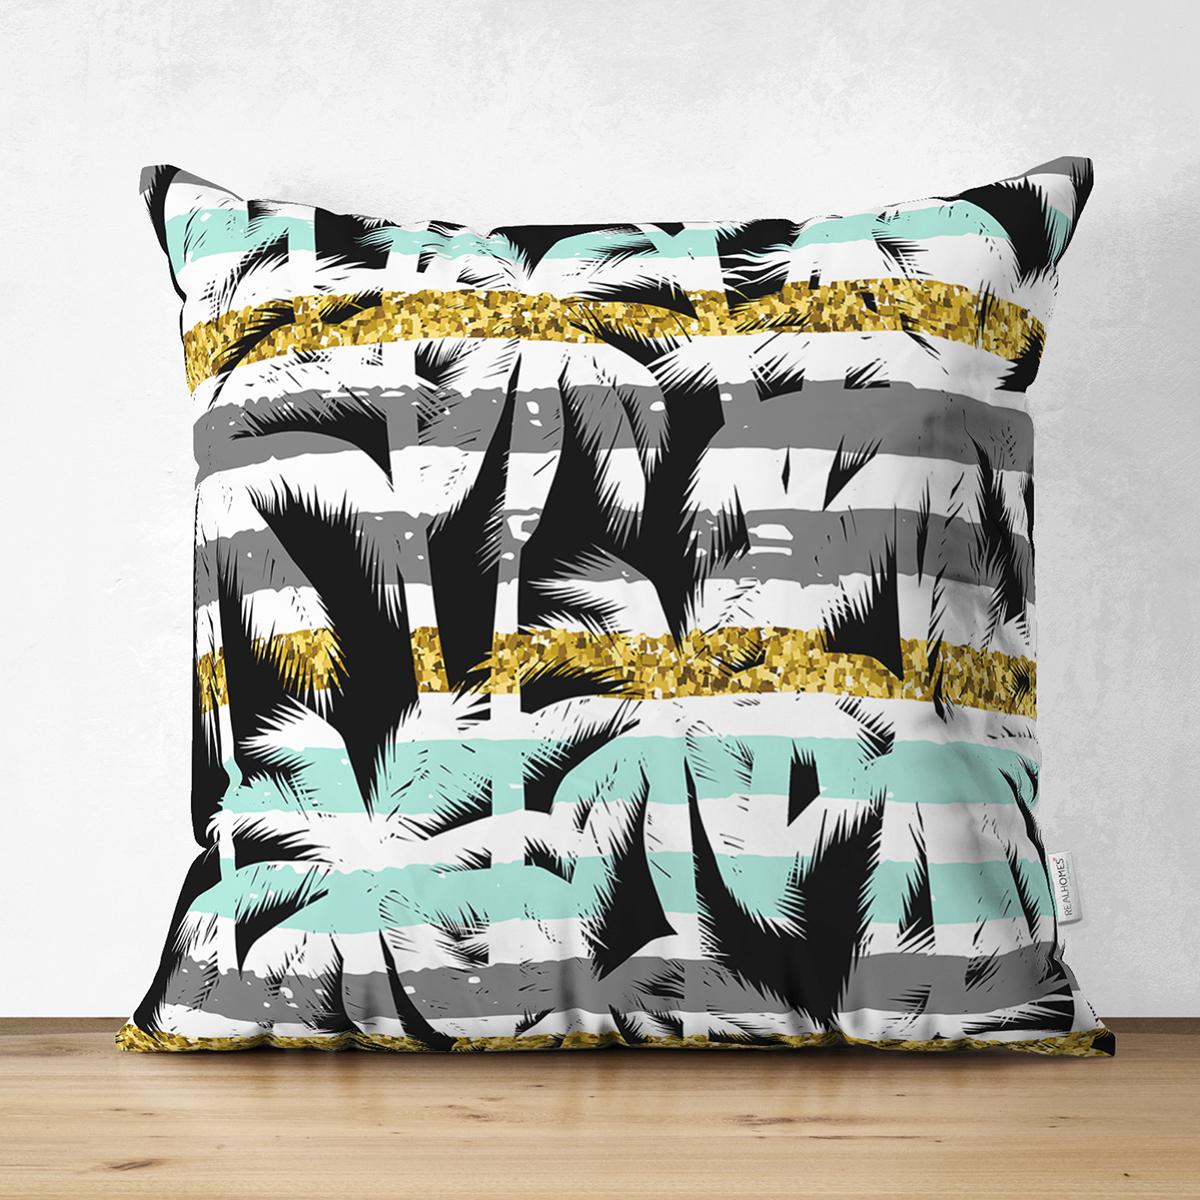 Çift Taraflı Beyaz Zemin Üzerinde Renkli Çizgli Yaprak Desenli Modern Süet Yastık Kırlent Kılıfı Realhomes